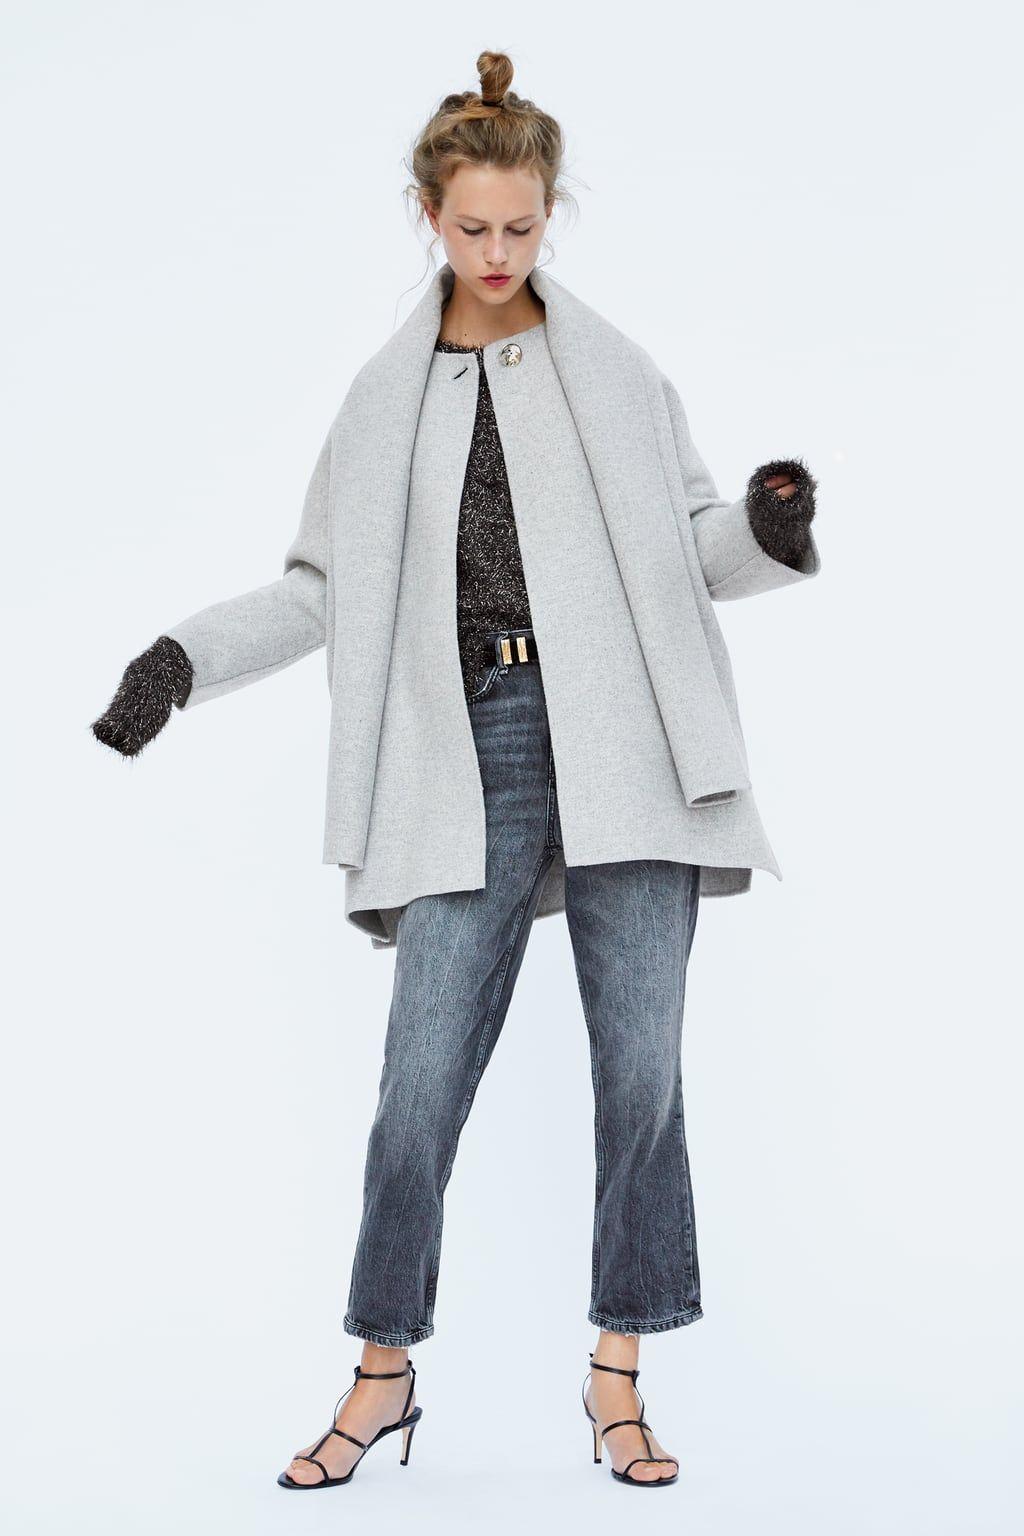 Bufanda Corto Coat Abrigo 2019 Blogger En Style Pinterest f7WqU5xR5w